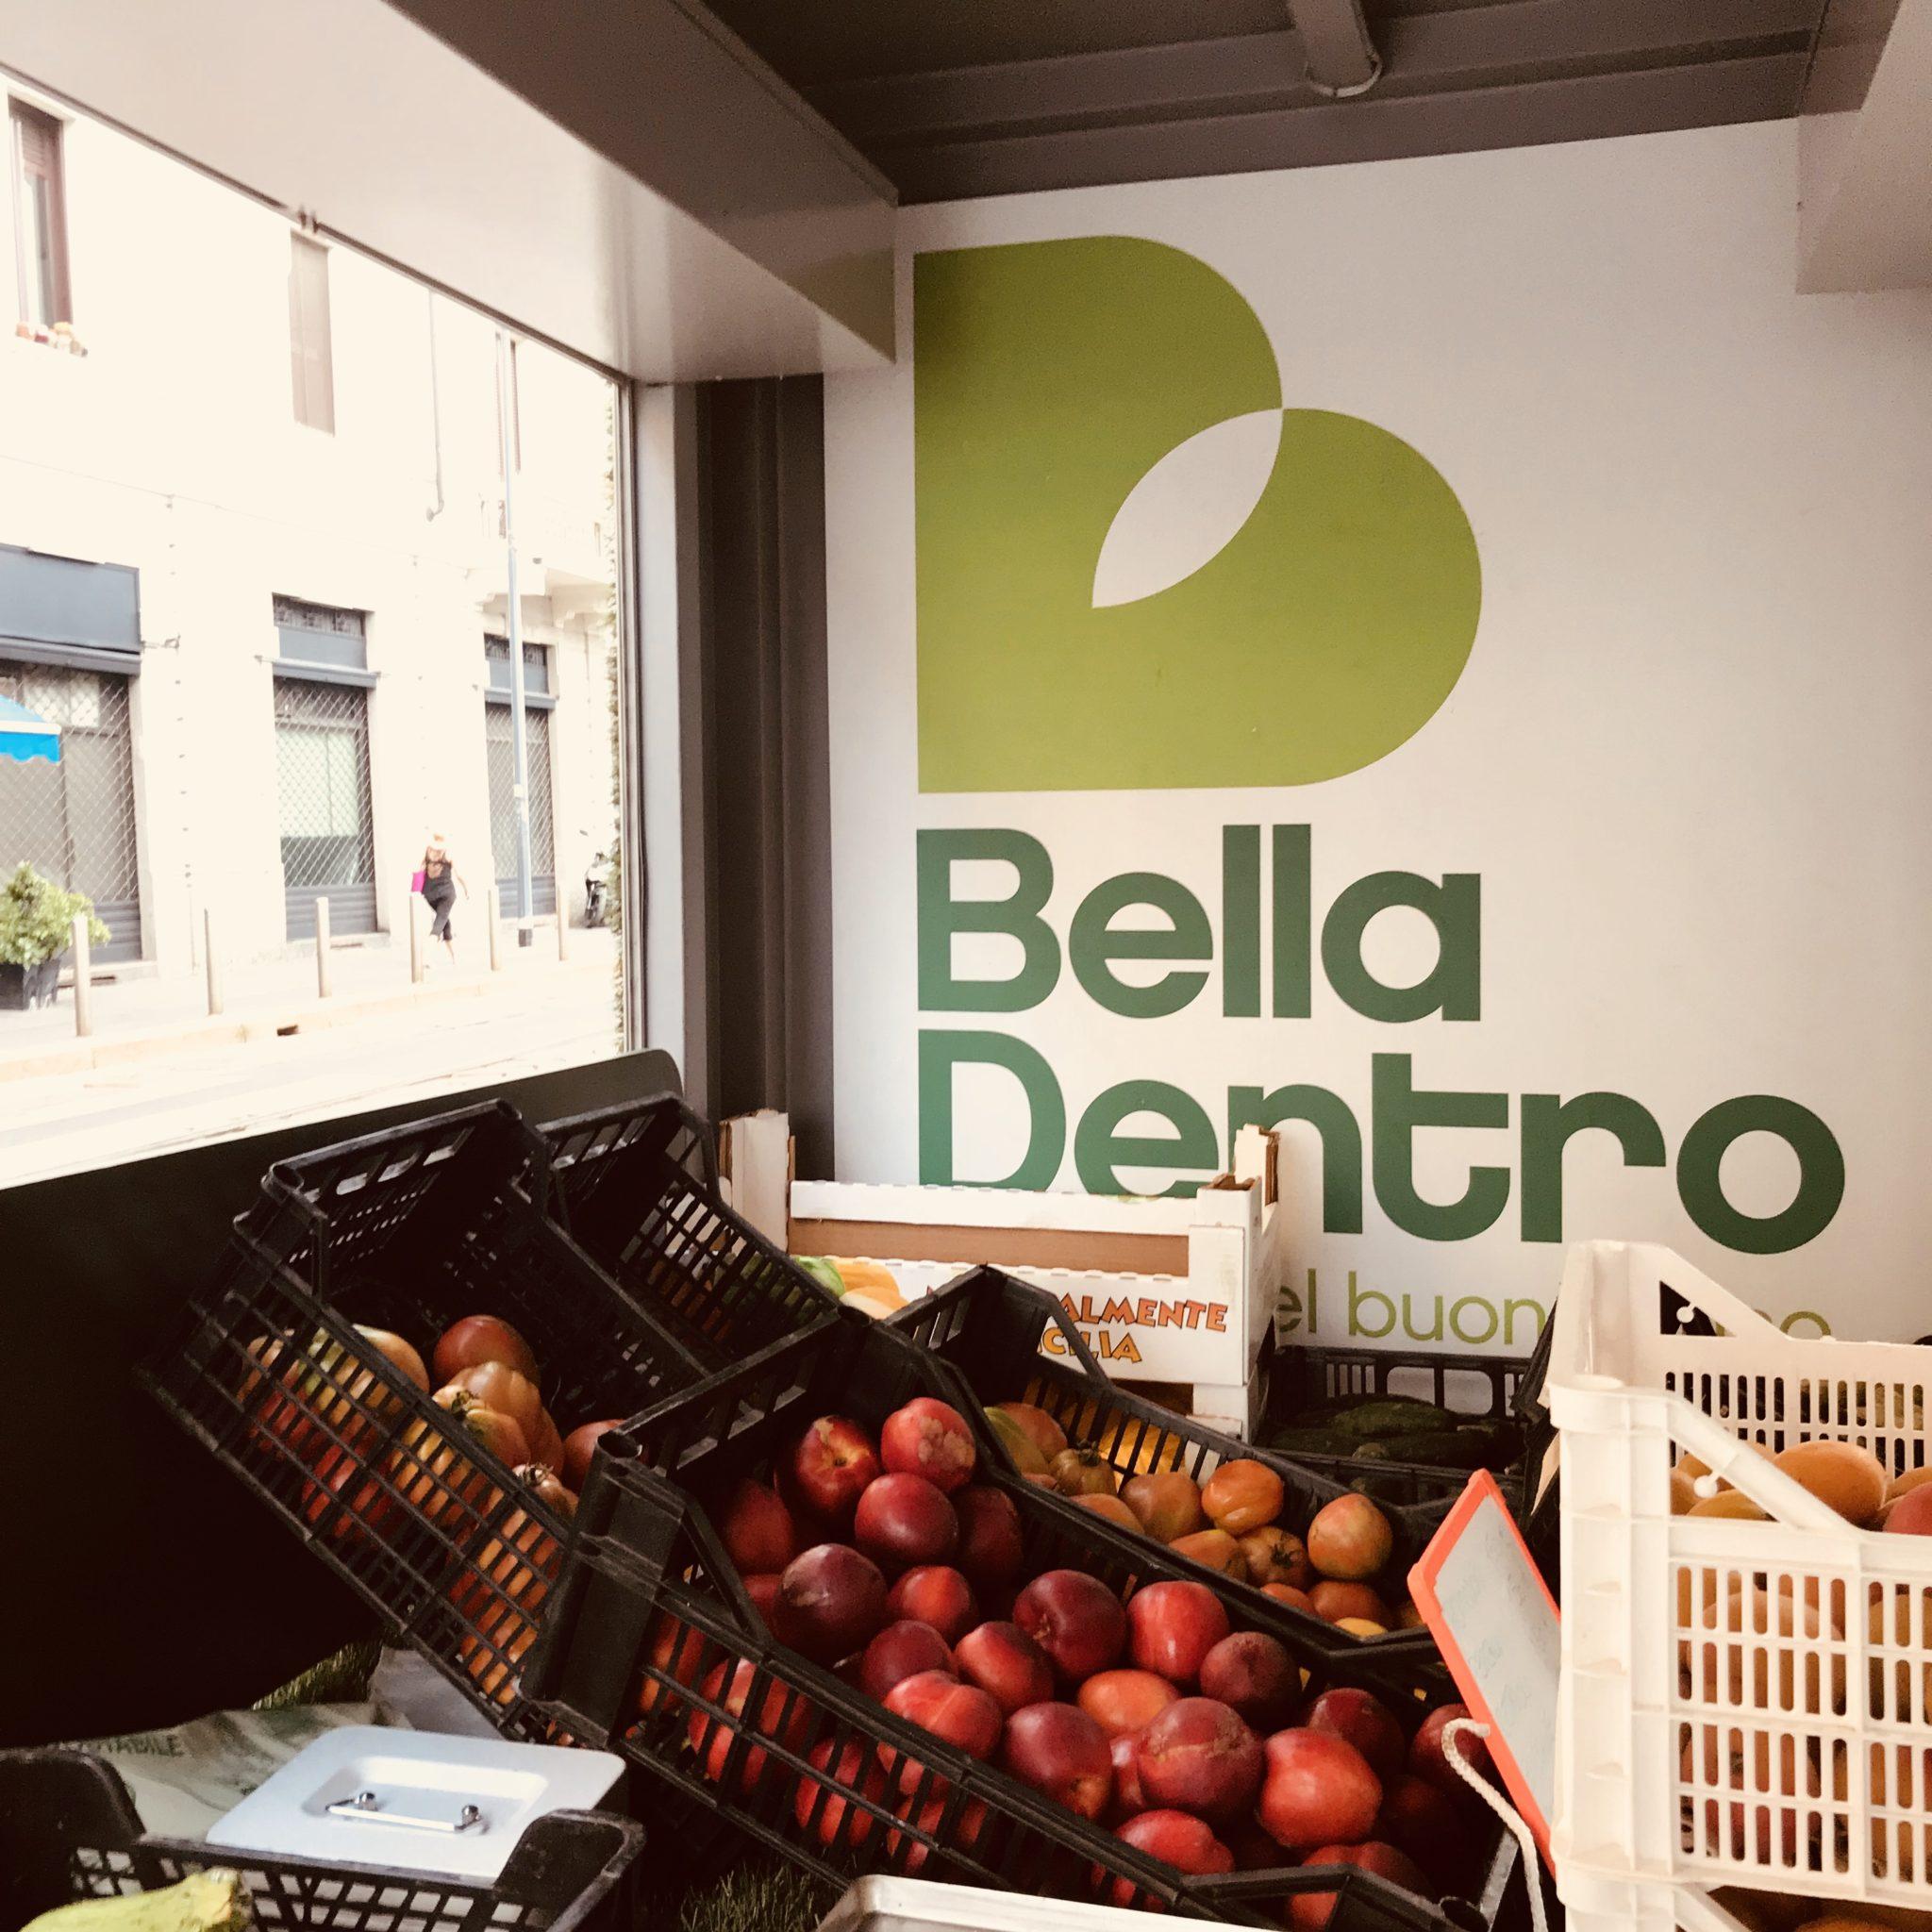 Bella Dentro, la frutta e la verdura brutta fuori ma buonissima da mangiare, gira on the road su un furgoncino. Il racconto di chi è alla guida delle idee